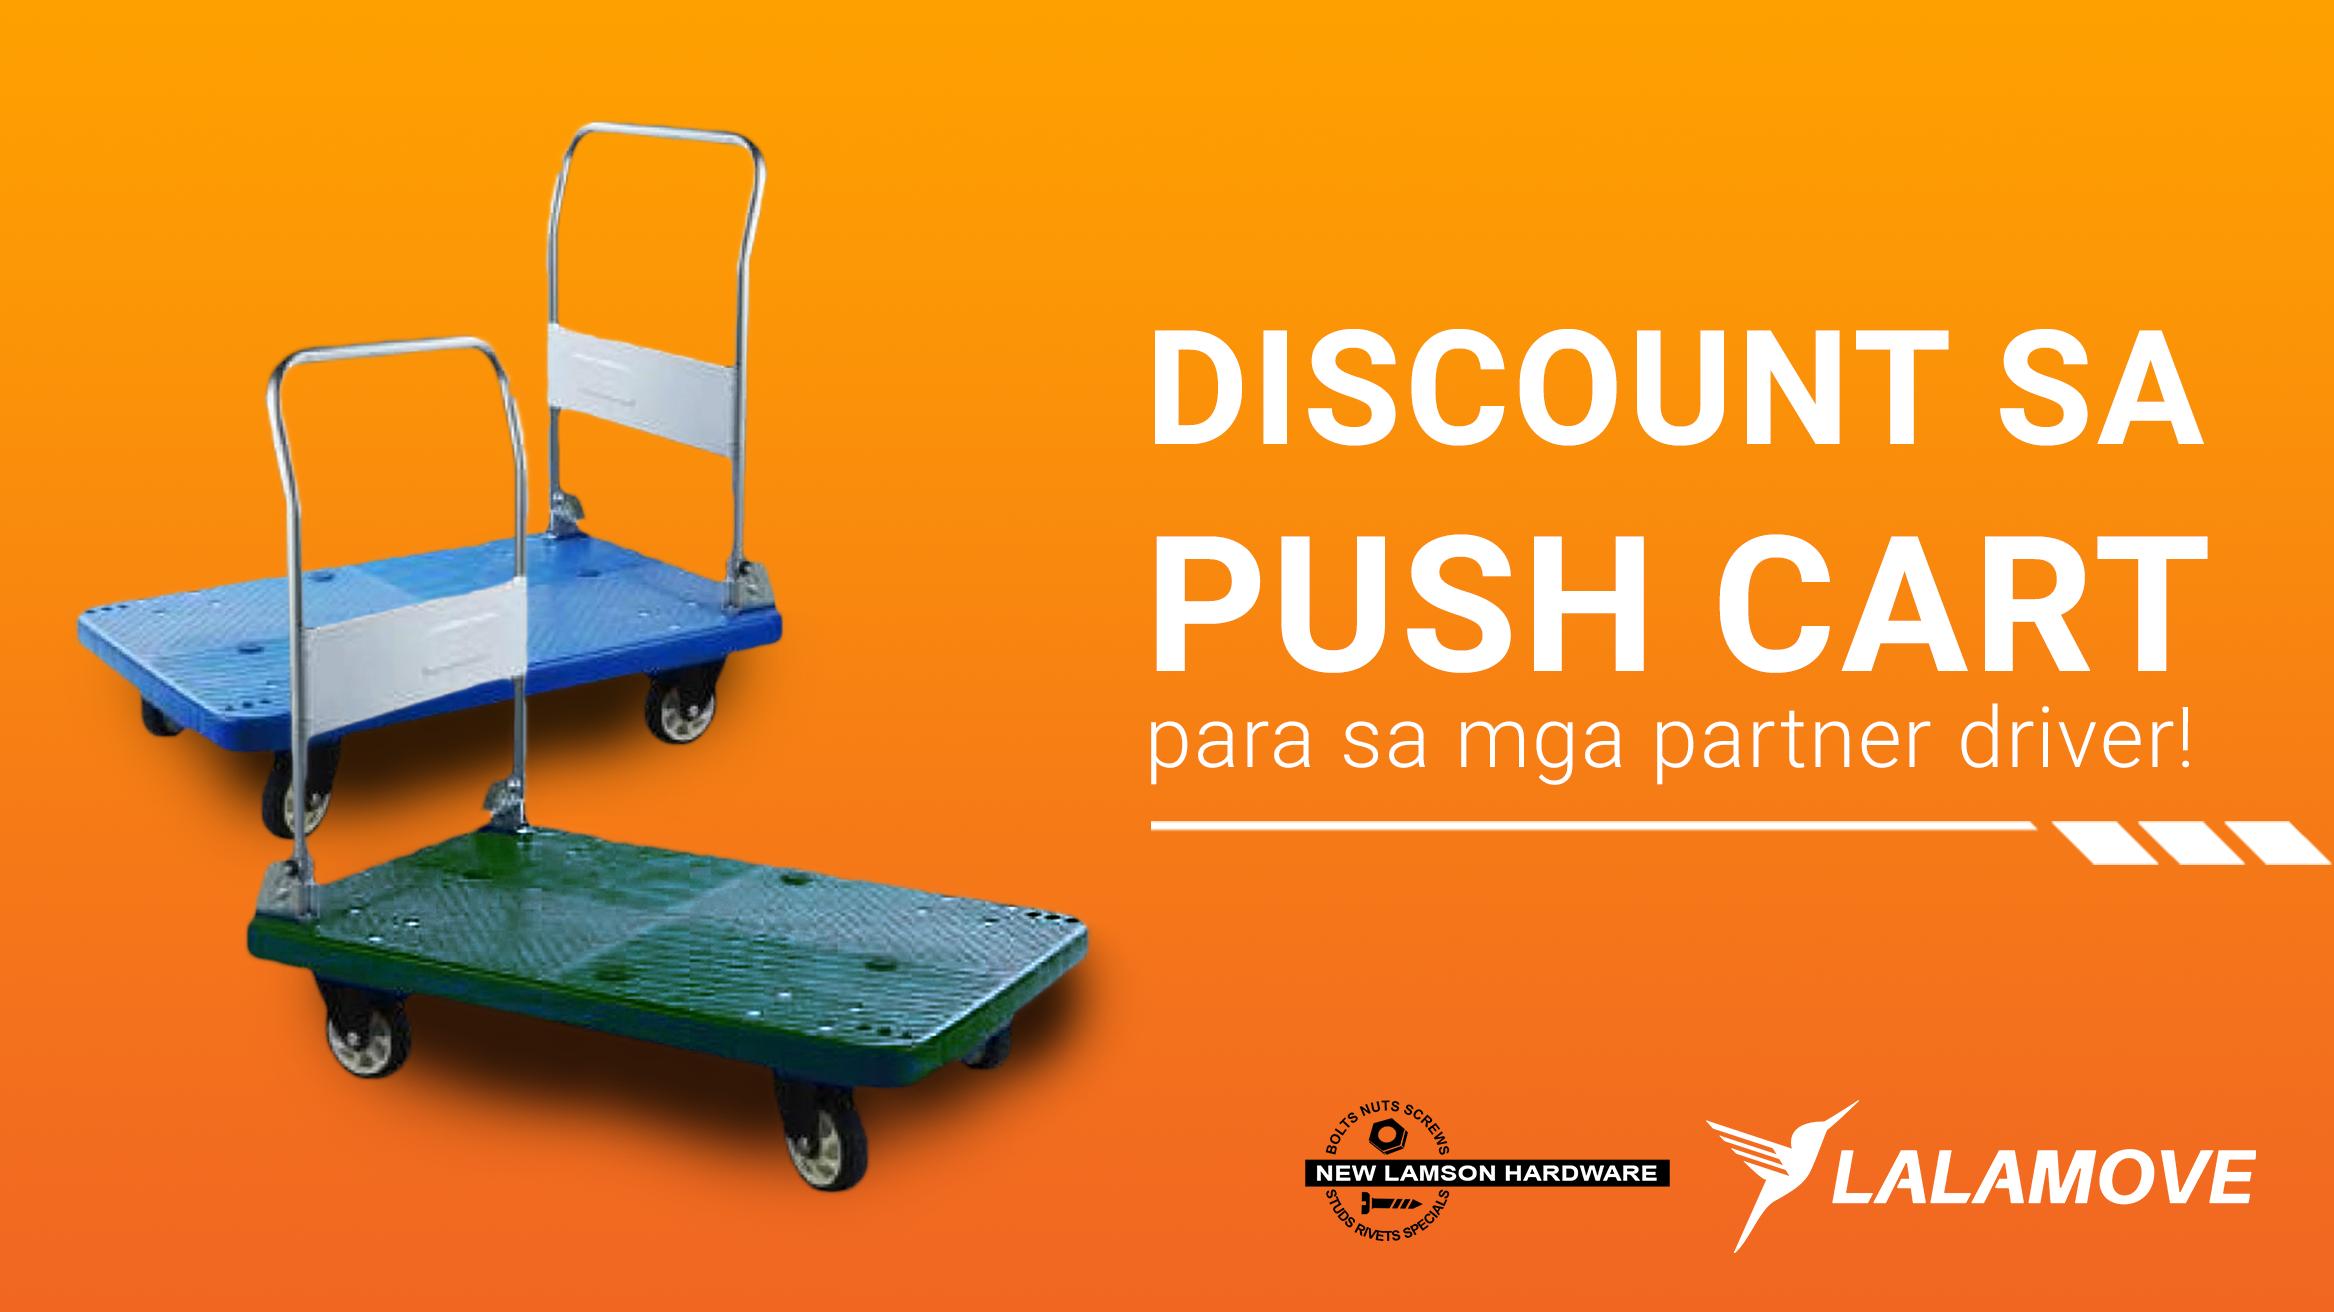 PANALOMOVE: Push lang sa delivery kasama ang mas murang push cart mula sa New Lamson Hardware